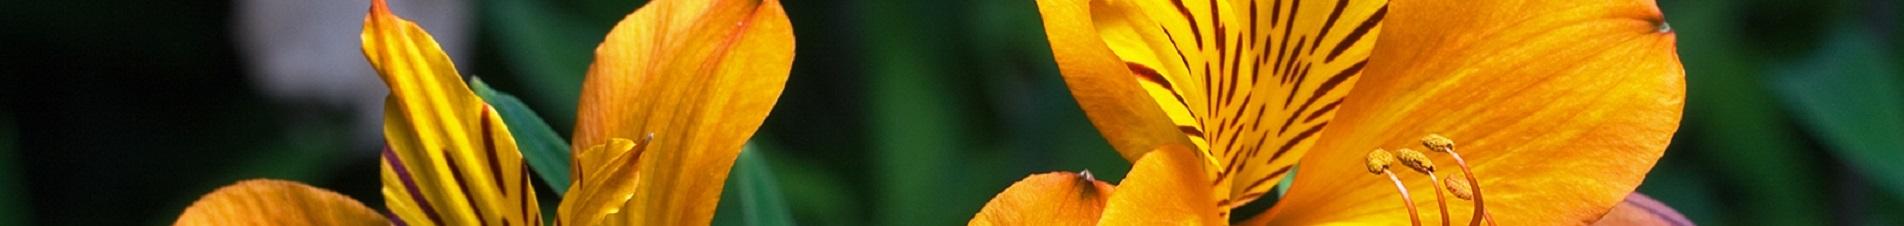 bloemen versturen naar  alstromeria's